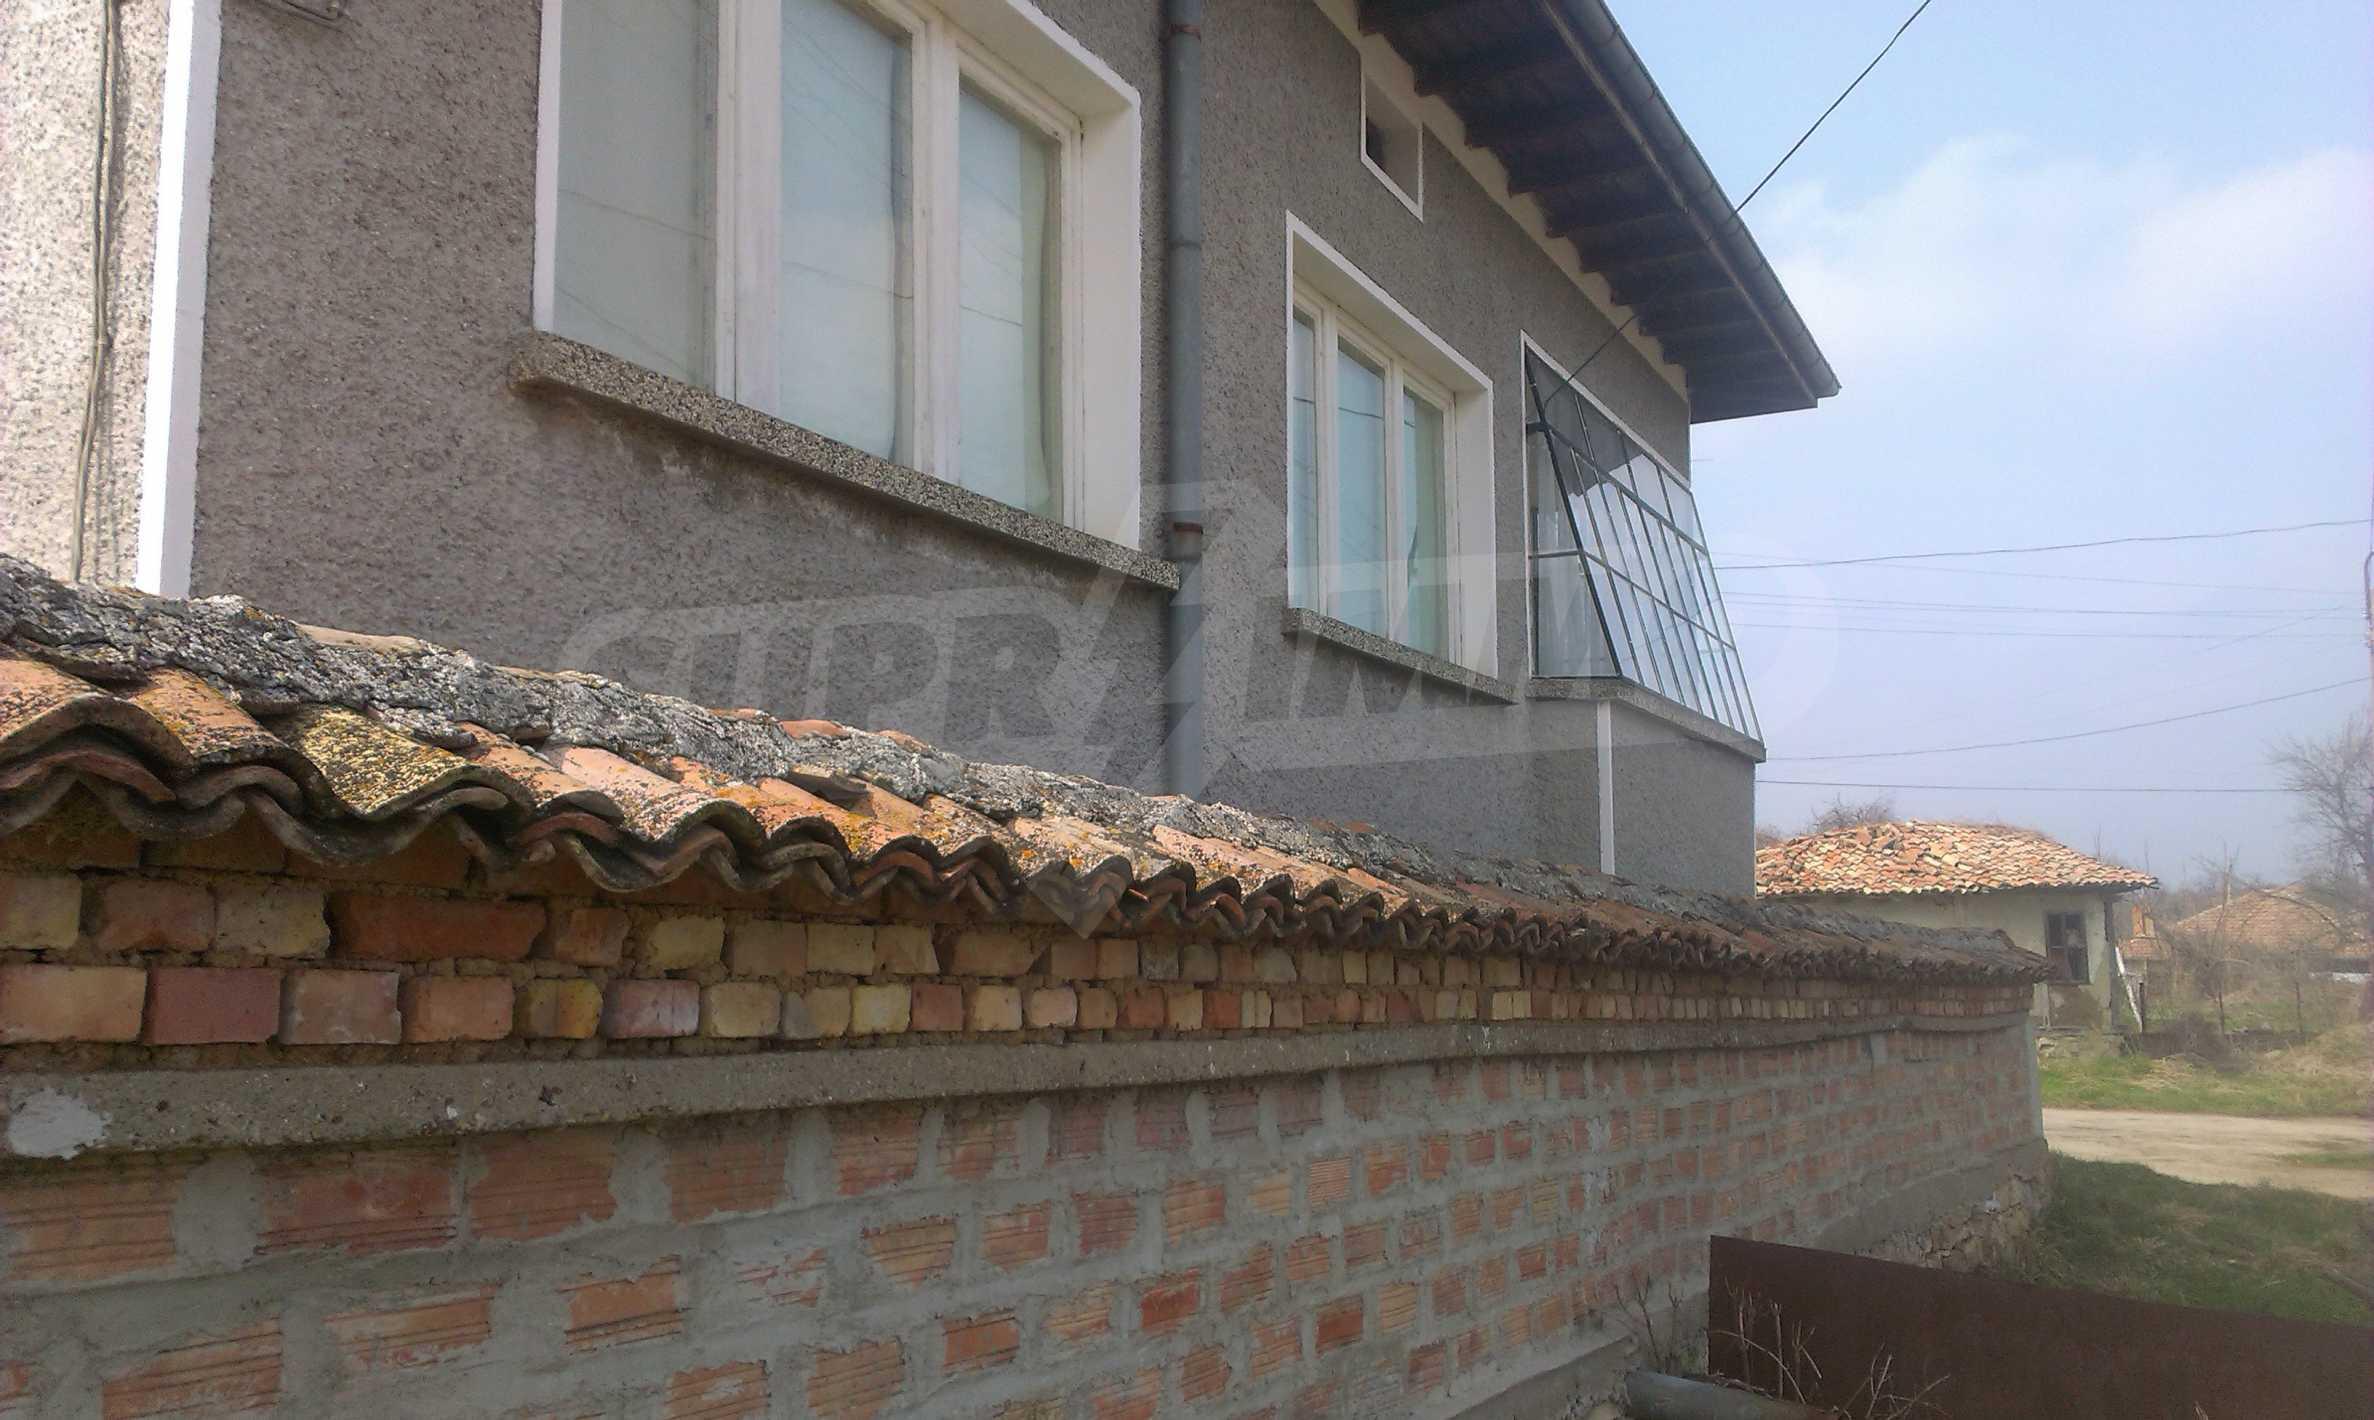 Großes zweistöckiges Backsteinhaus in einem Dorf 40 km von Veliko Tarnovo entfernt 67